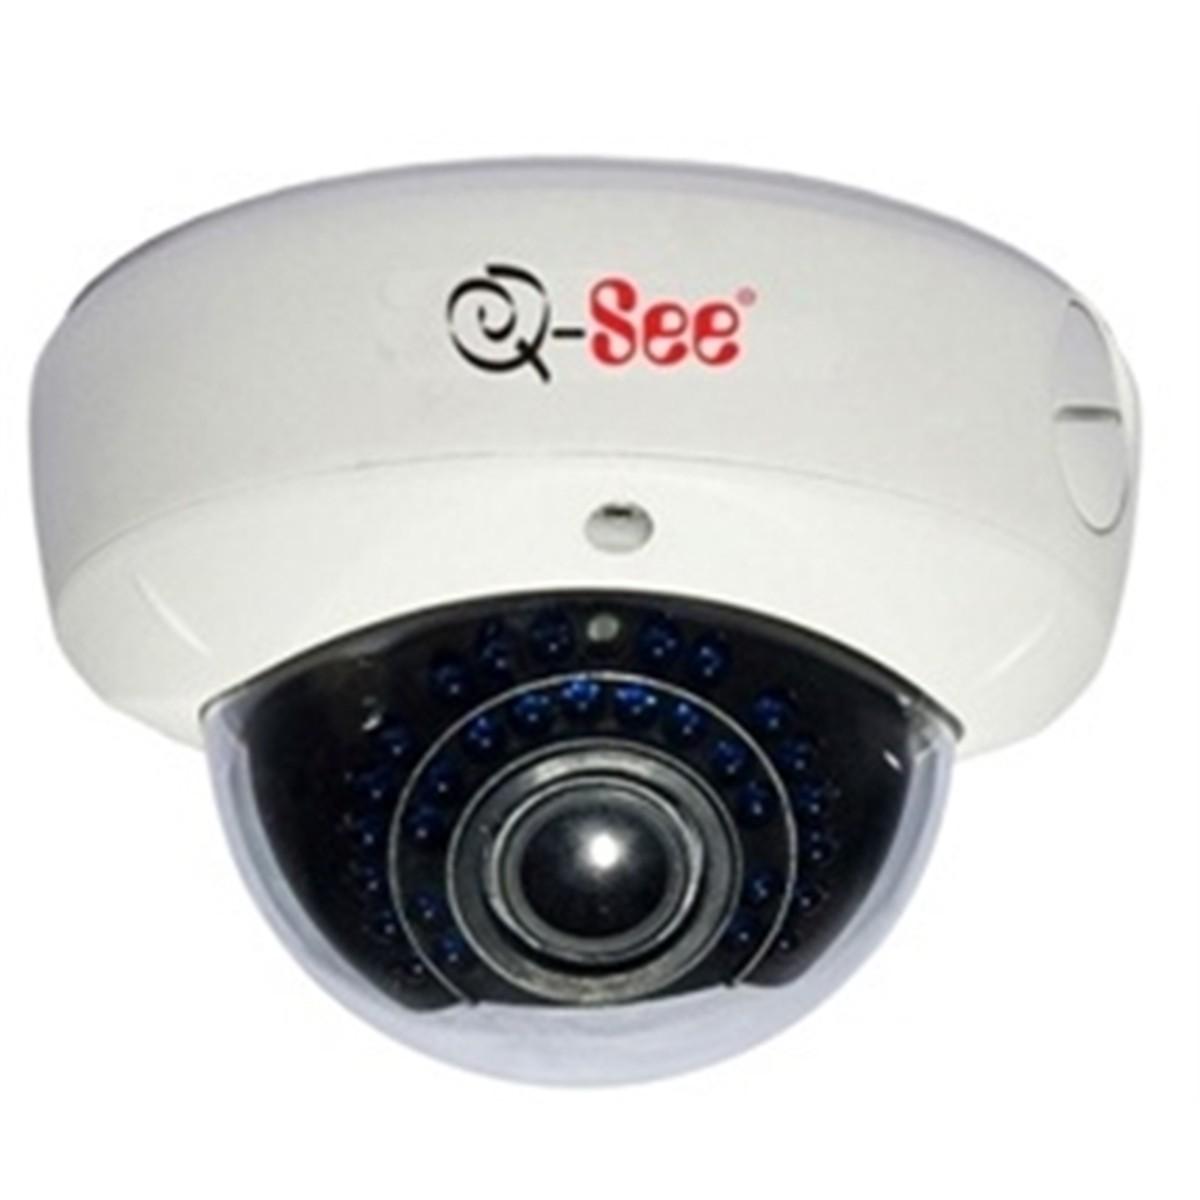 Camera Analog EXT IR25 Dome 600L CCD 1/3 2,8 á 12mm Branca QSC13212D Q-SEE